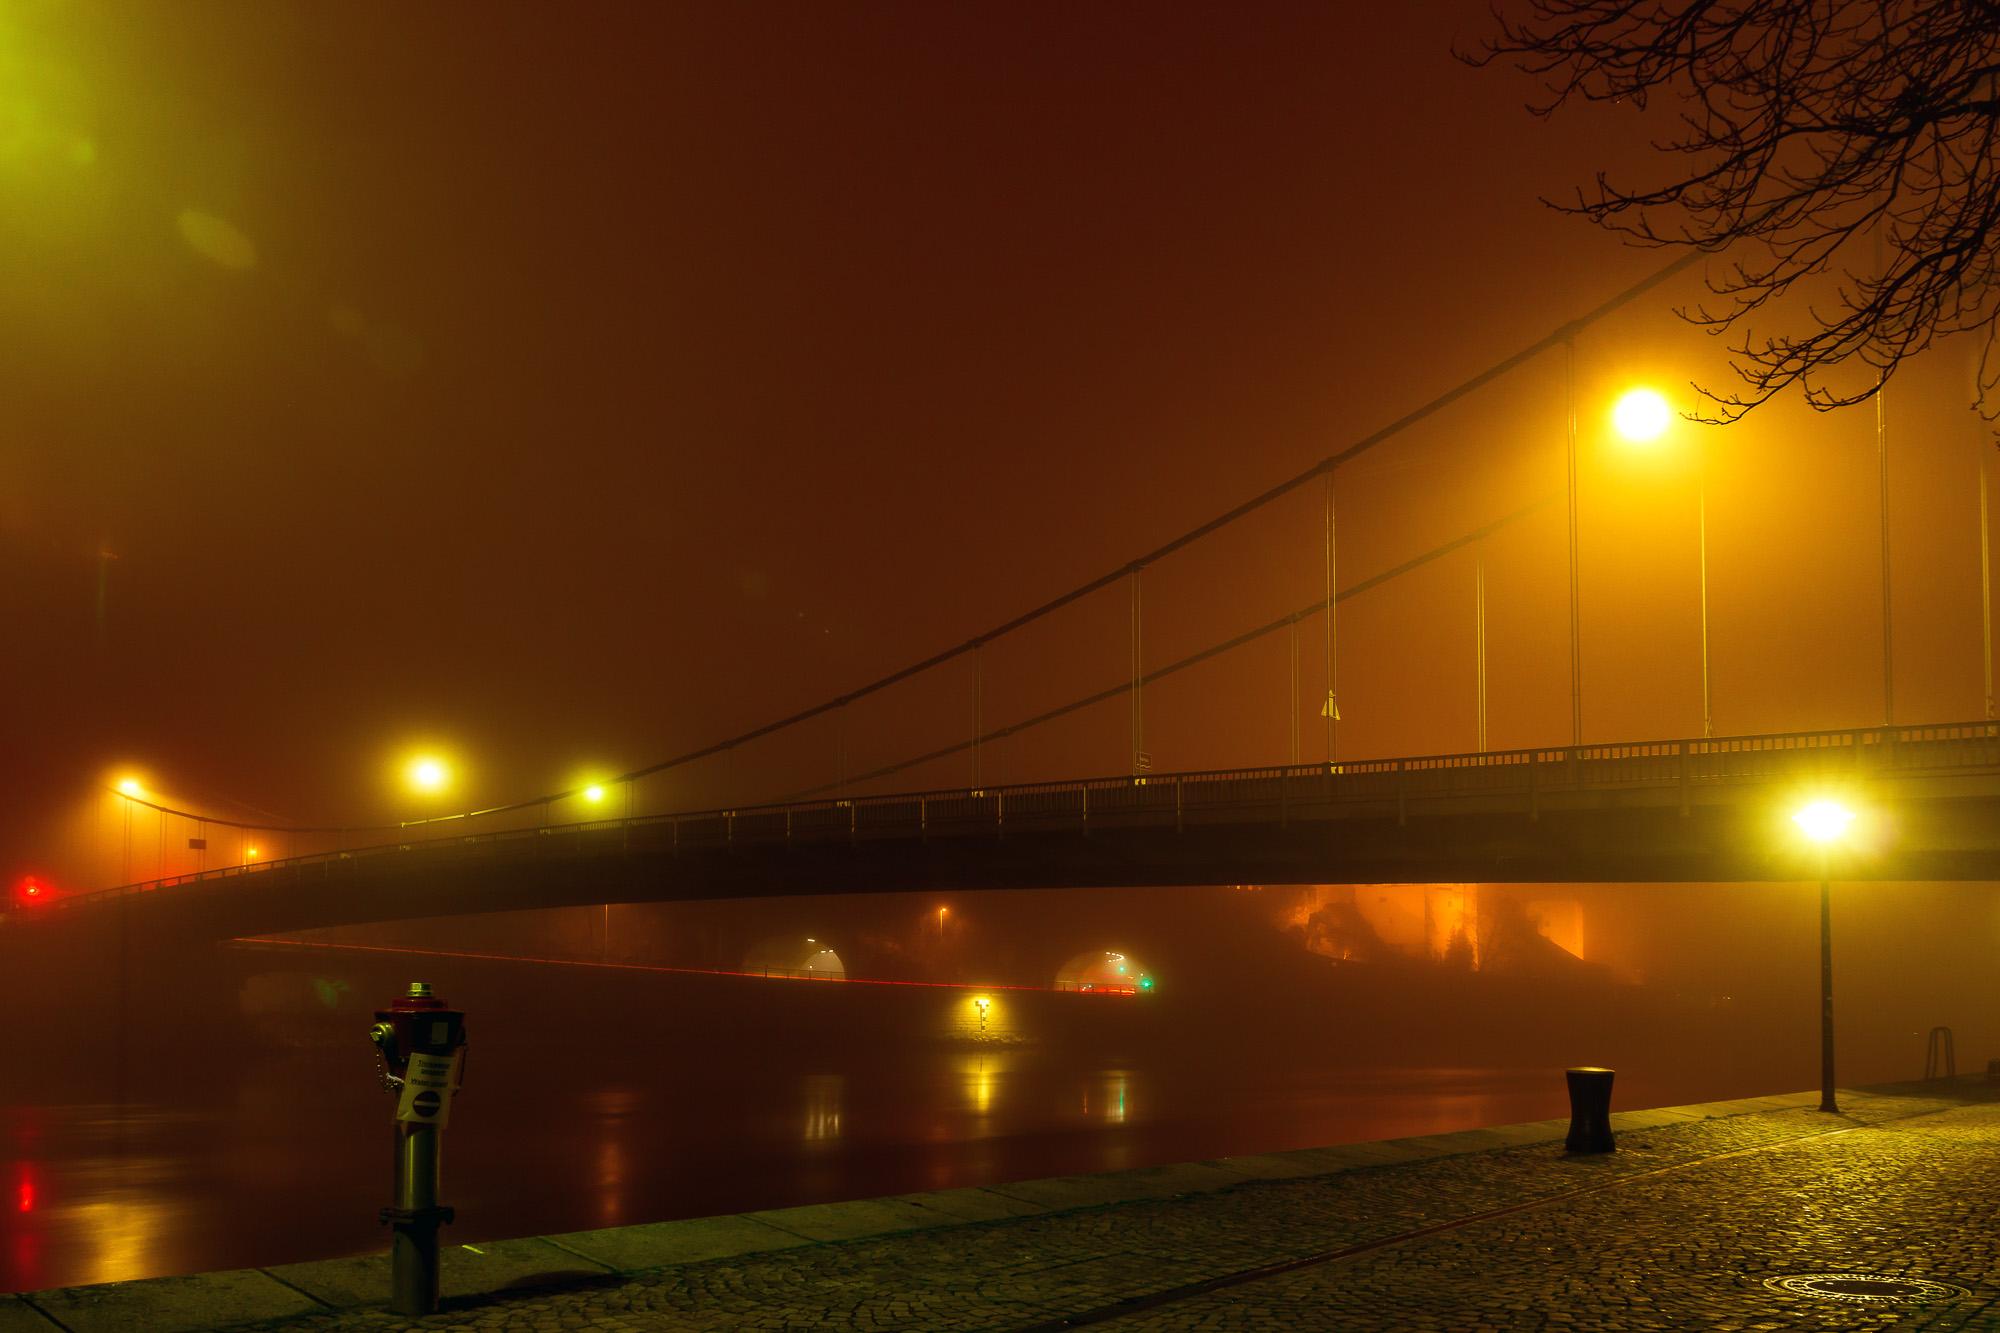 Hängebrücke in Passau im Nebel